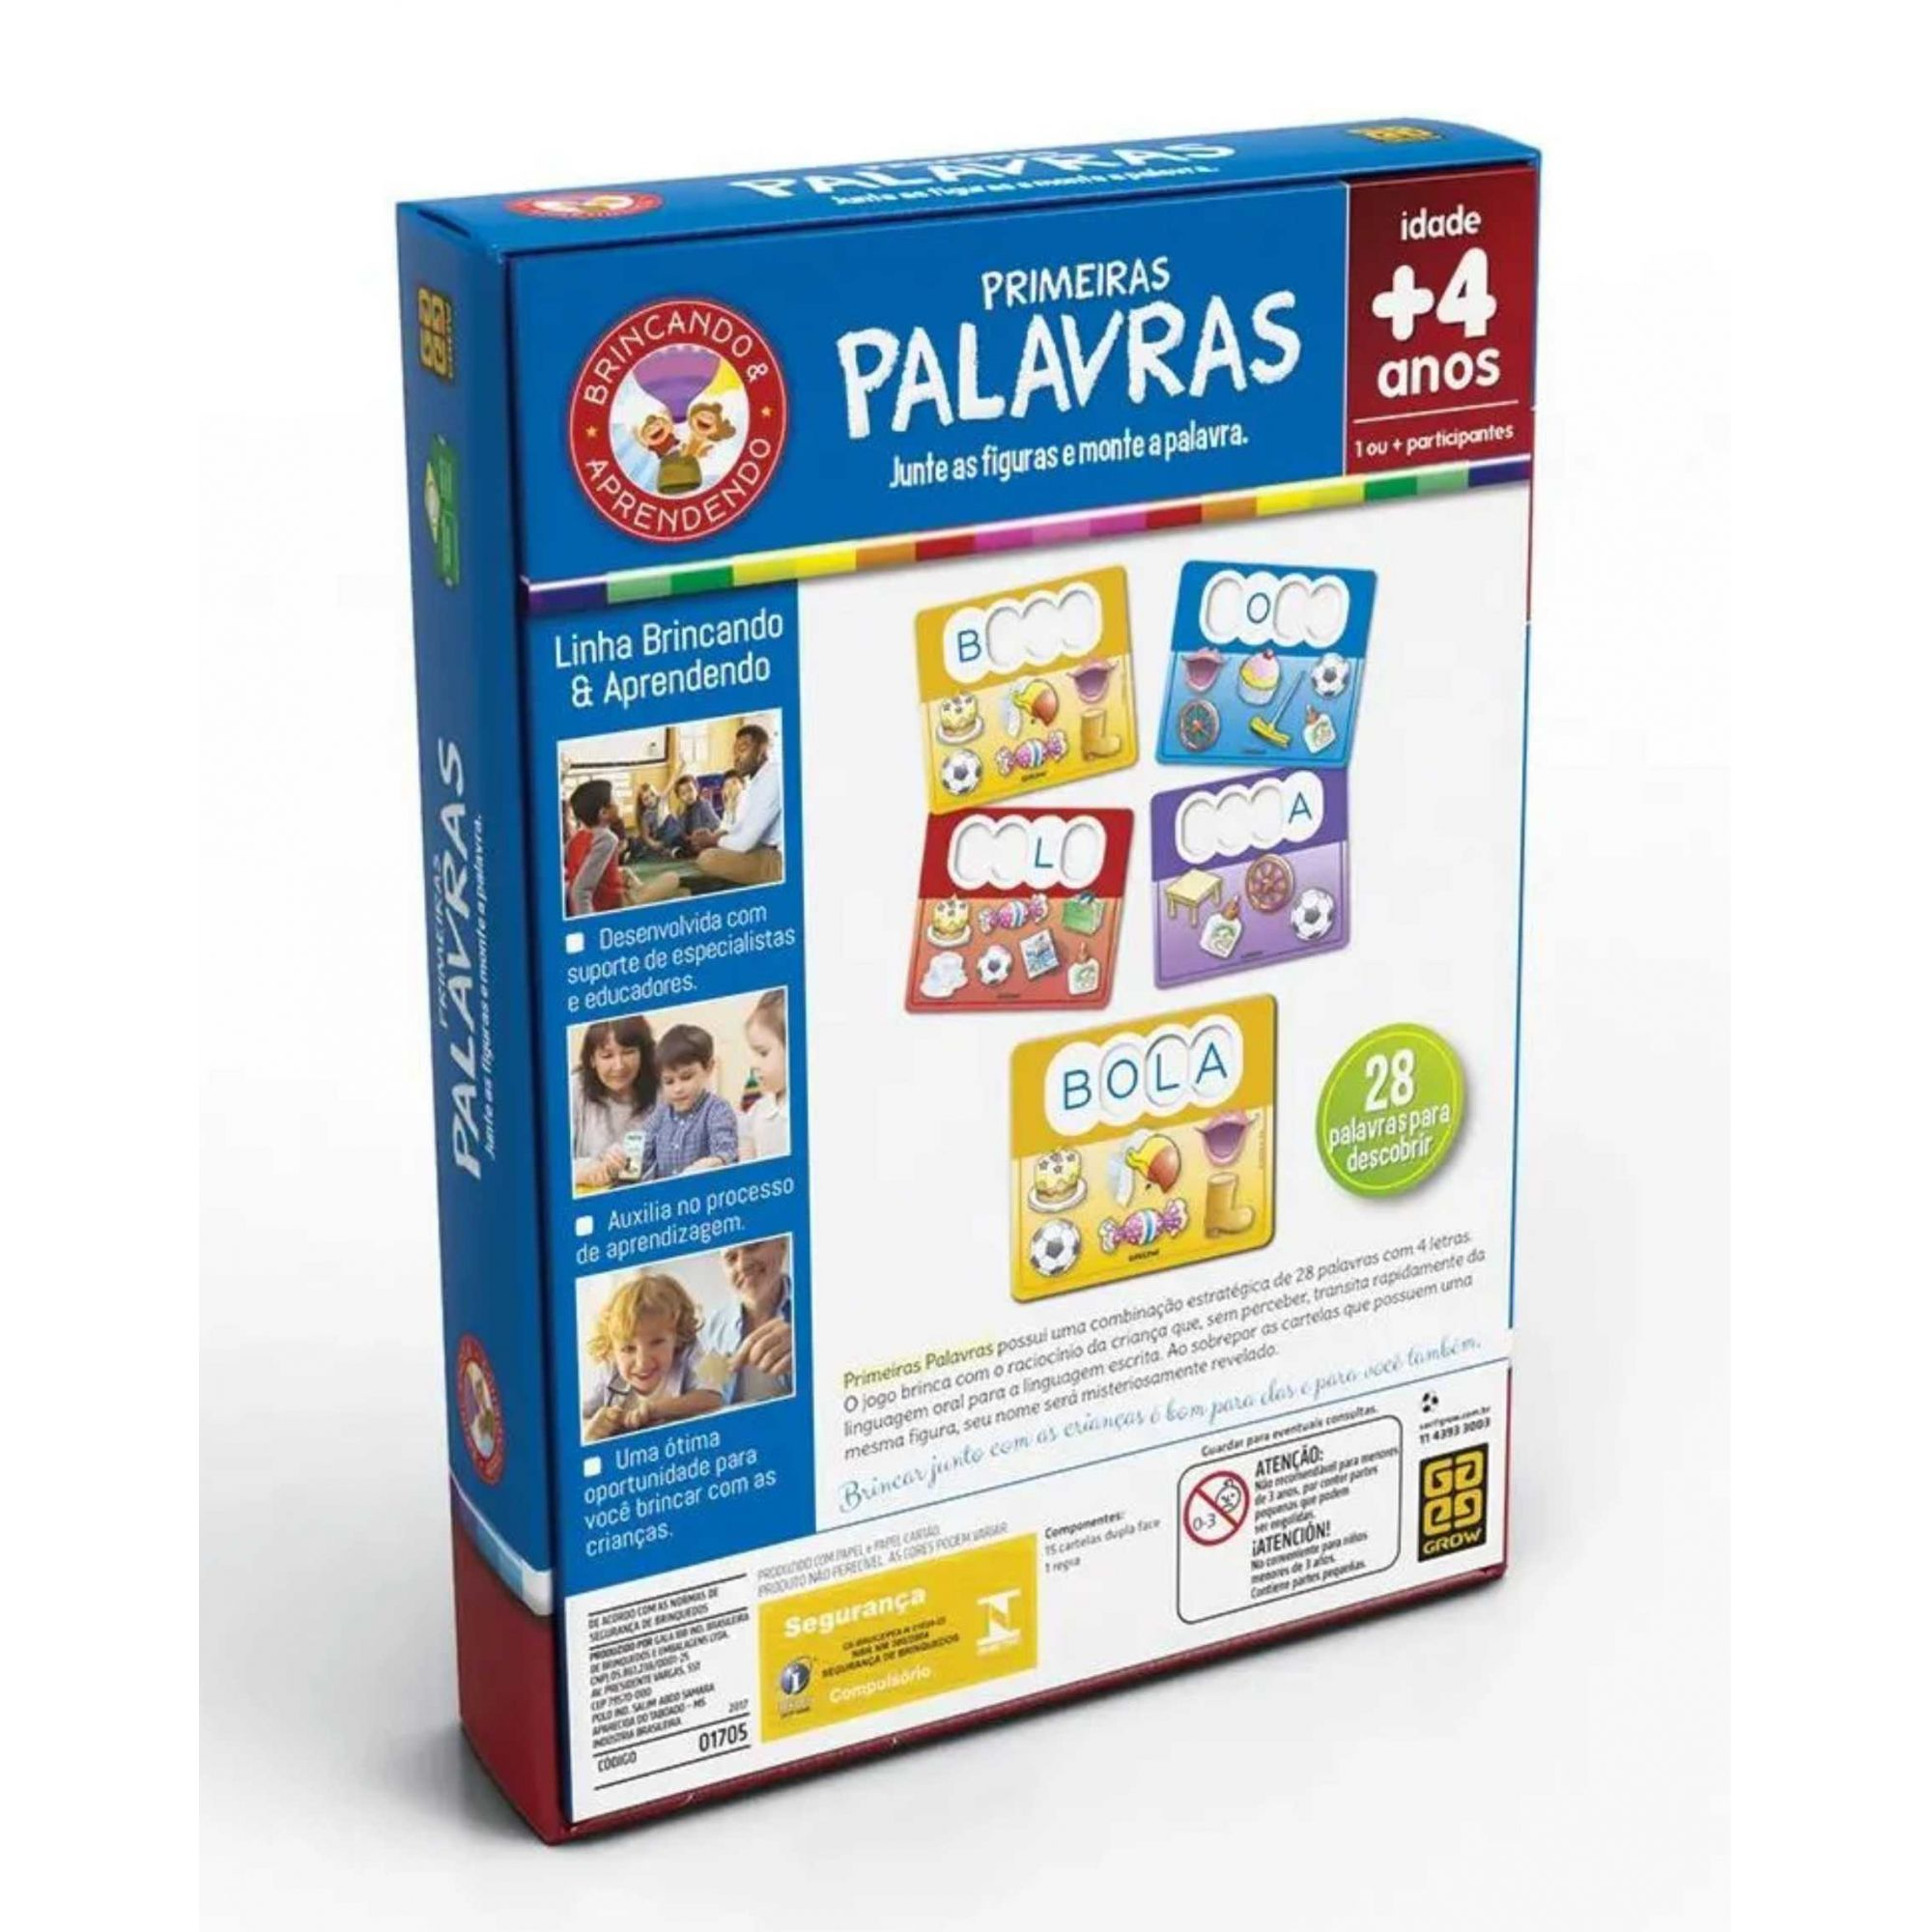 PRIMEIRAS PALAVRAS